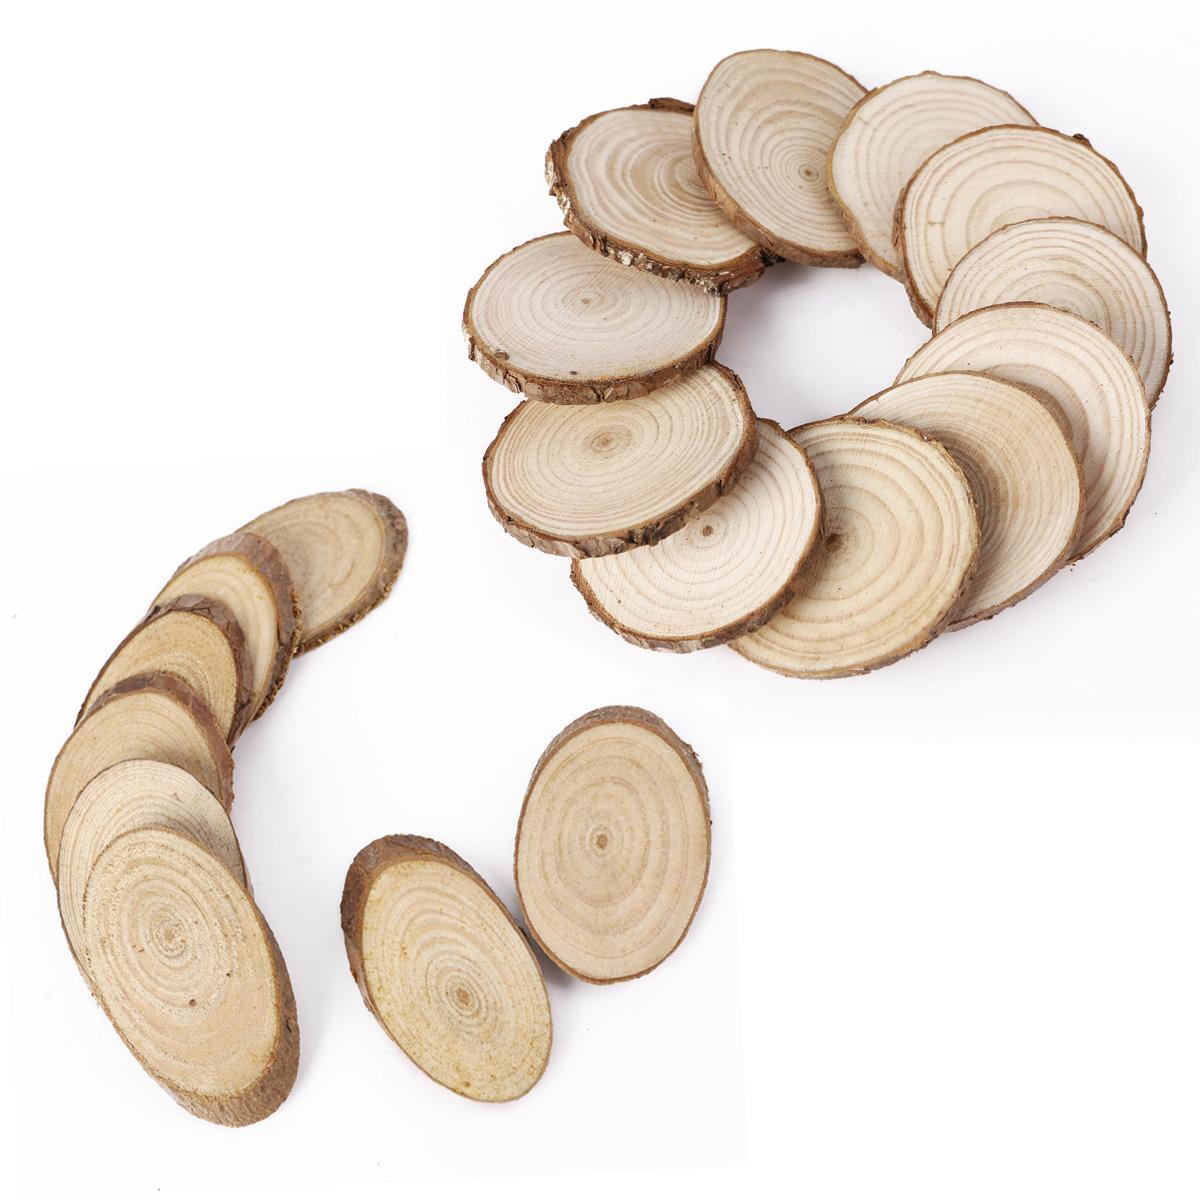 25 oval / rund holz holzscheiben namensschild geschenk hochzeit, Moderne